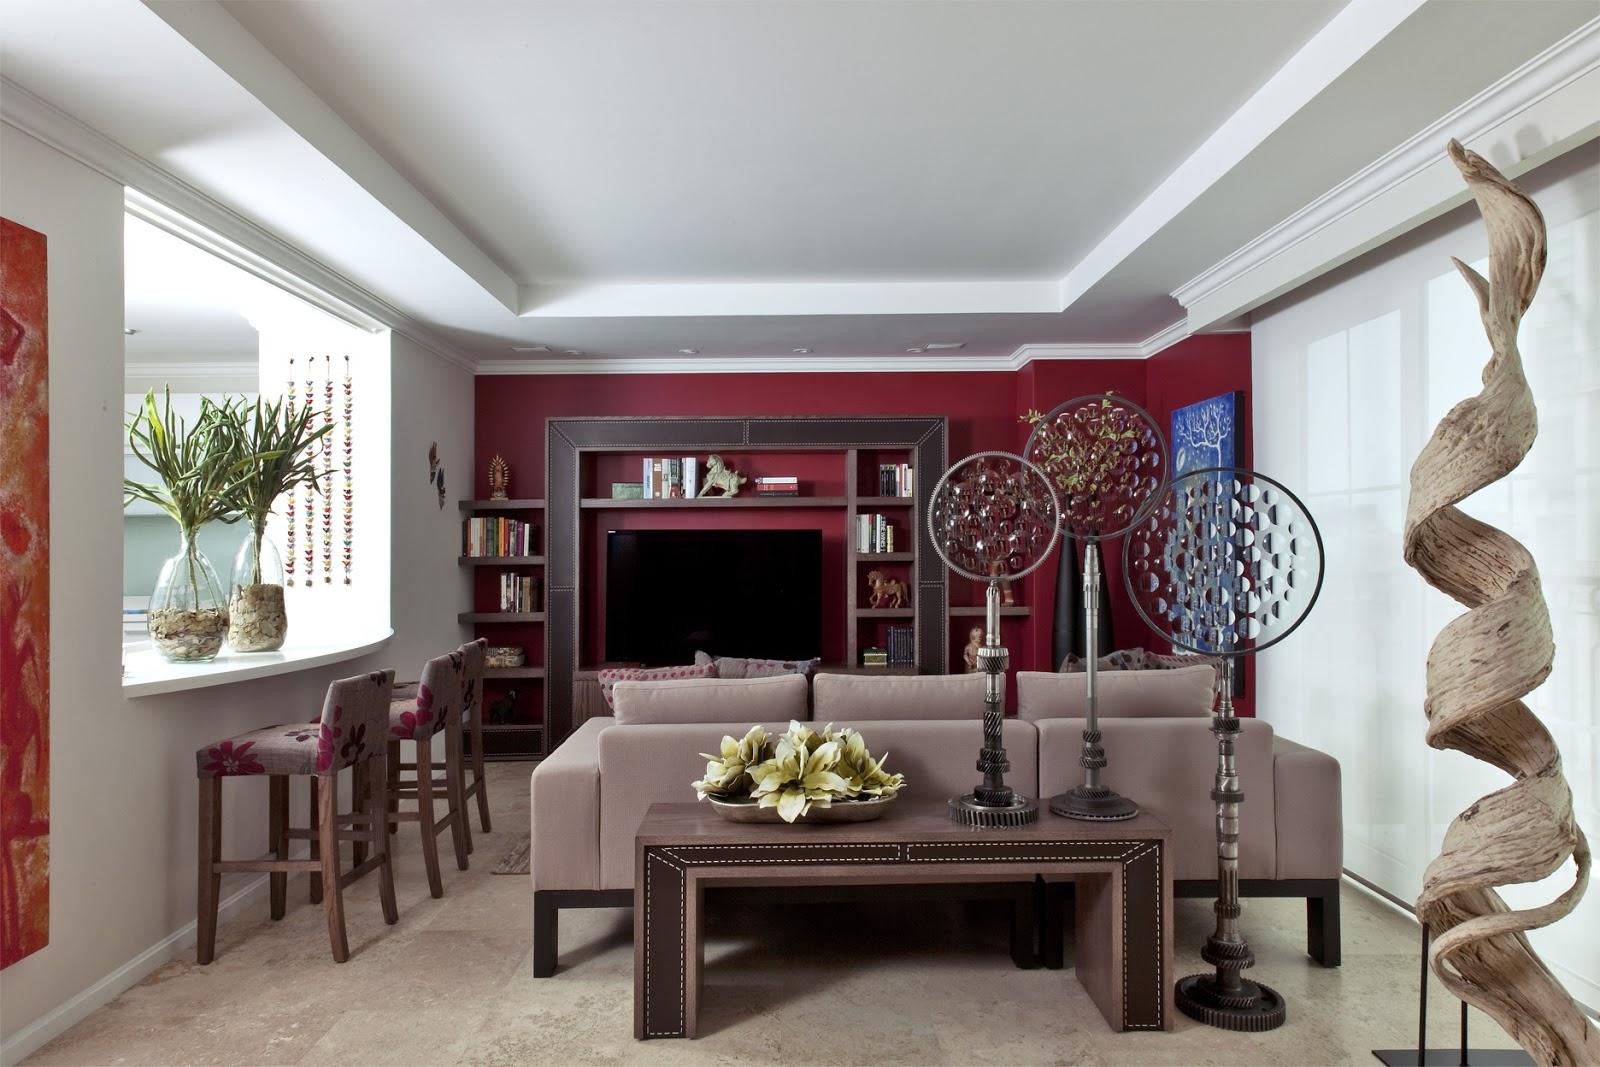 Mariangel coghlan espacios peque os for Diseno de interiores para apartamentos pequenos